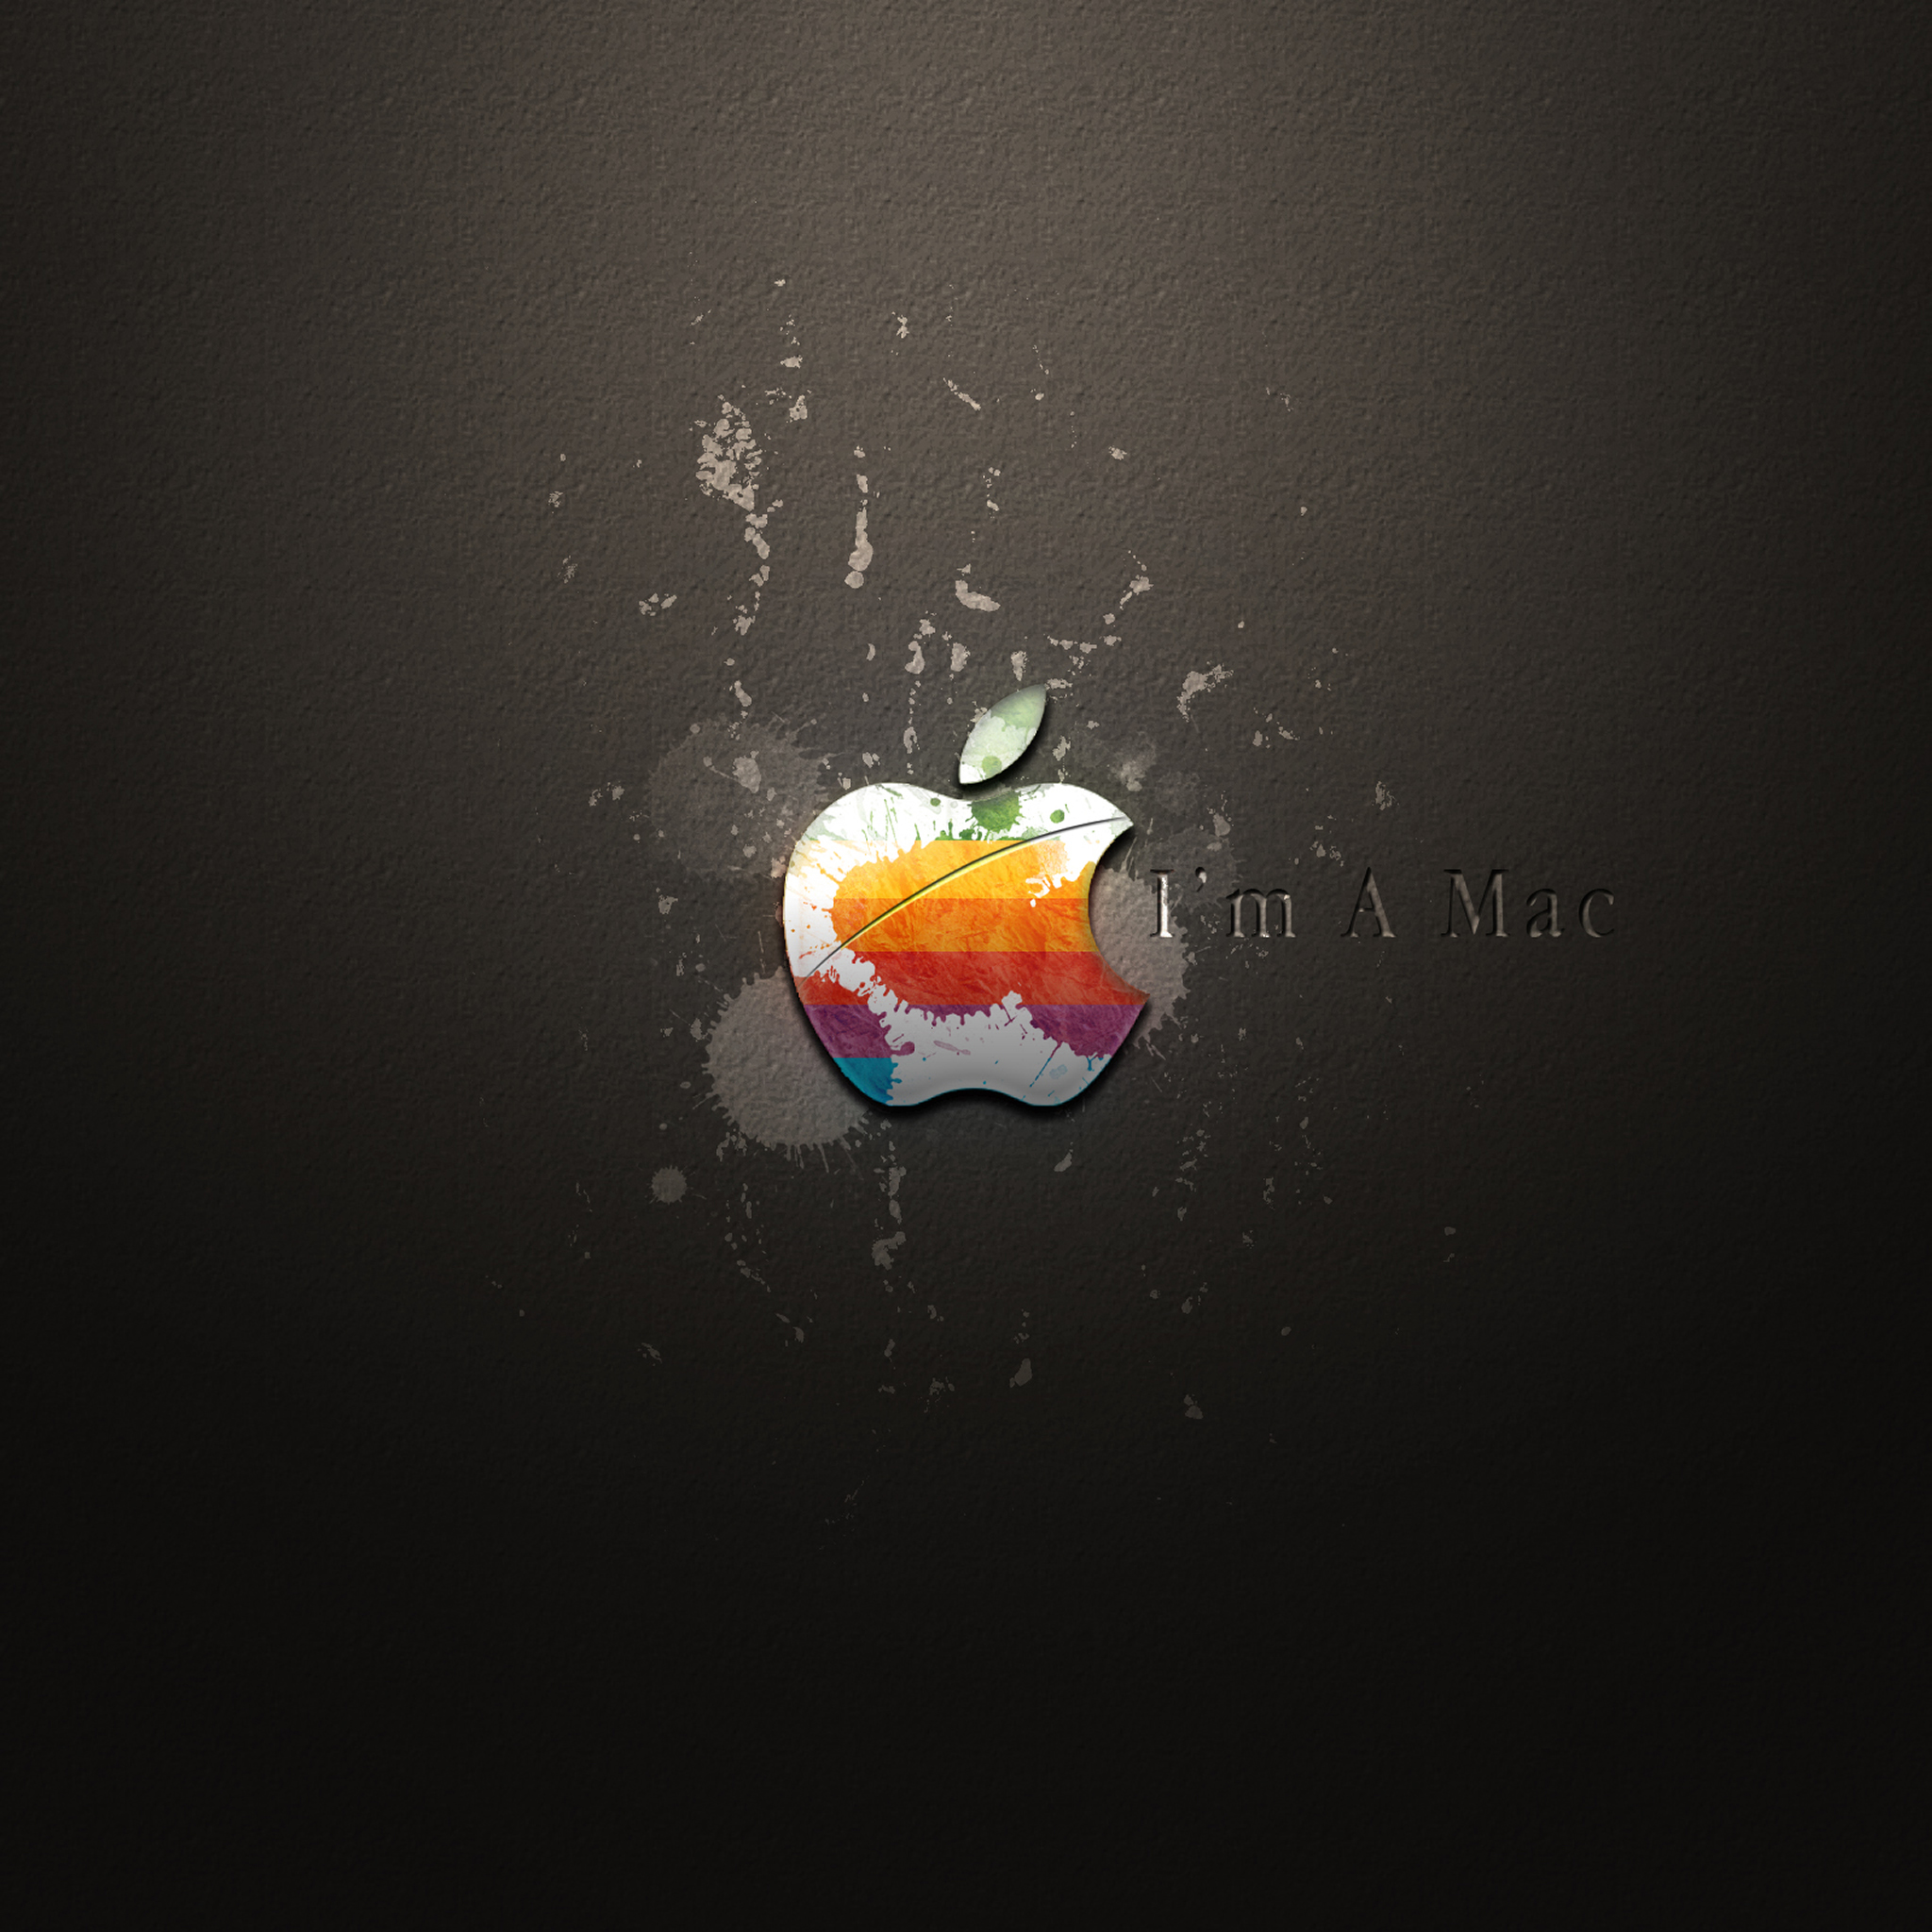 I-M-a-Mac-3Wallpapers-iPad-Retina